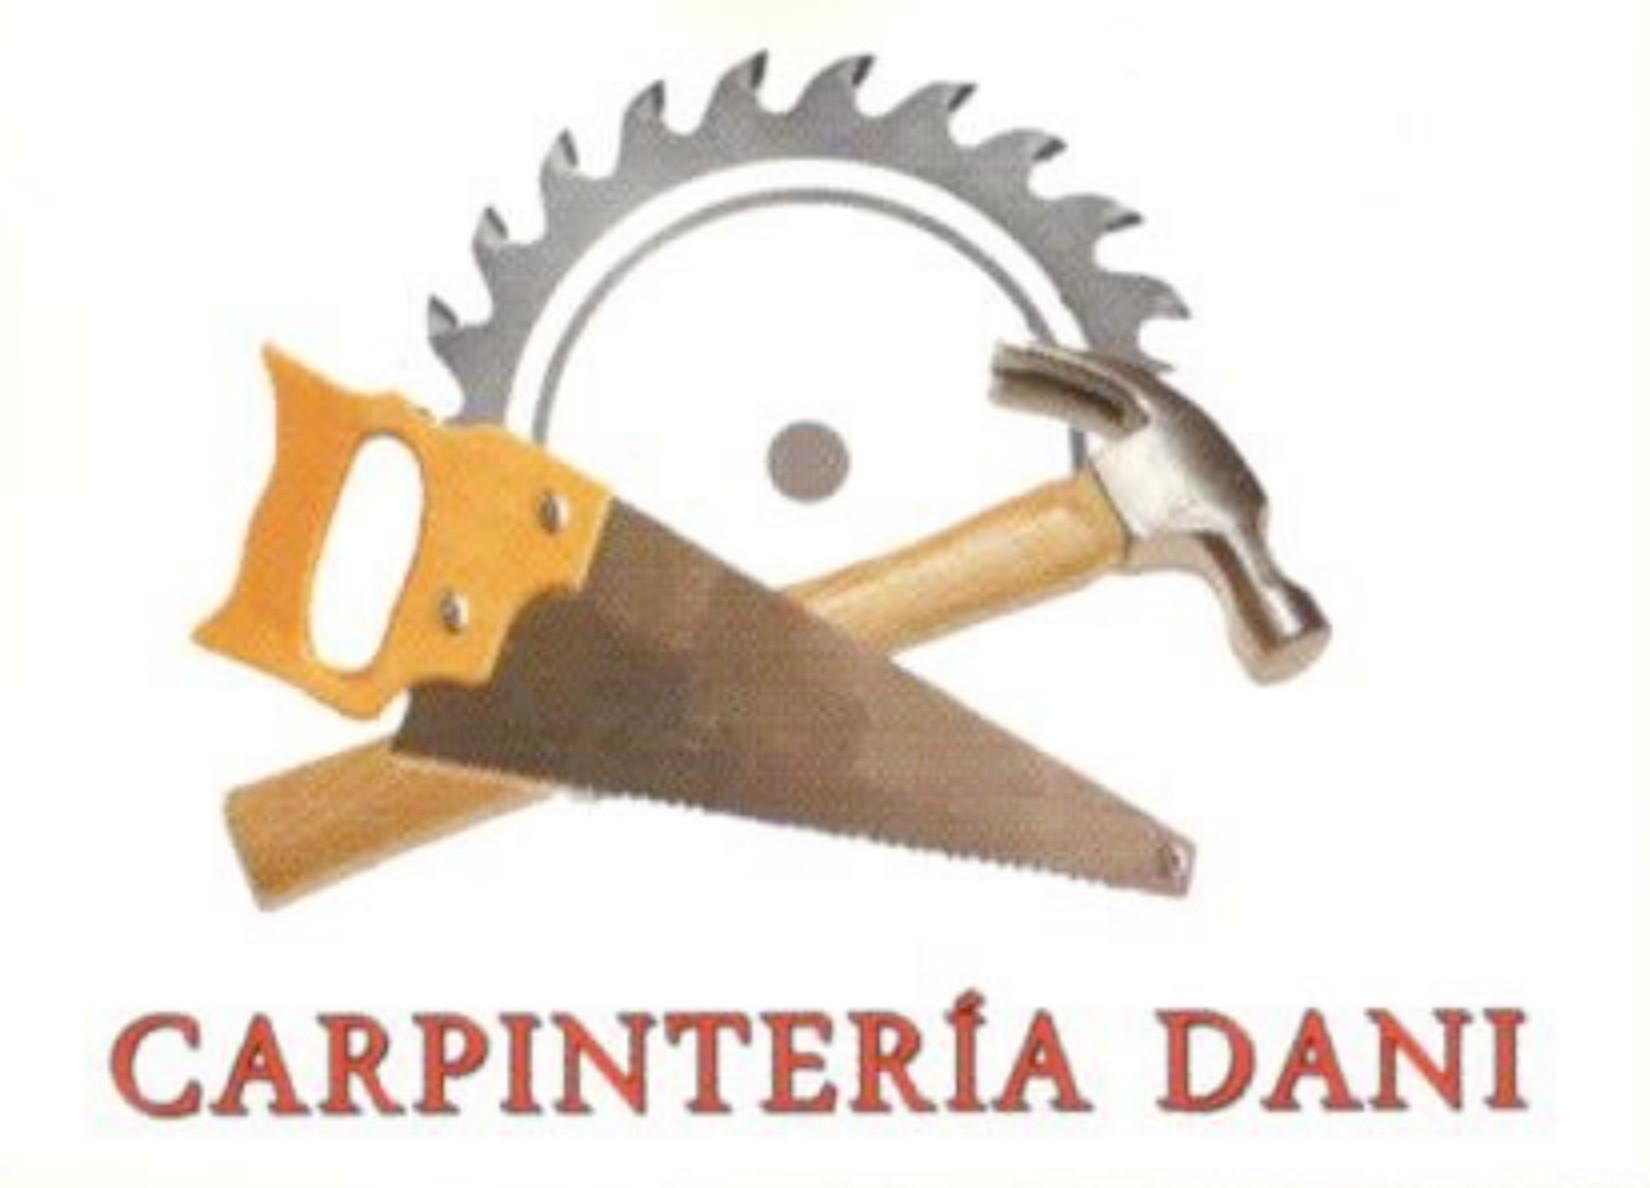 Carpinteria Dani (Huesa)